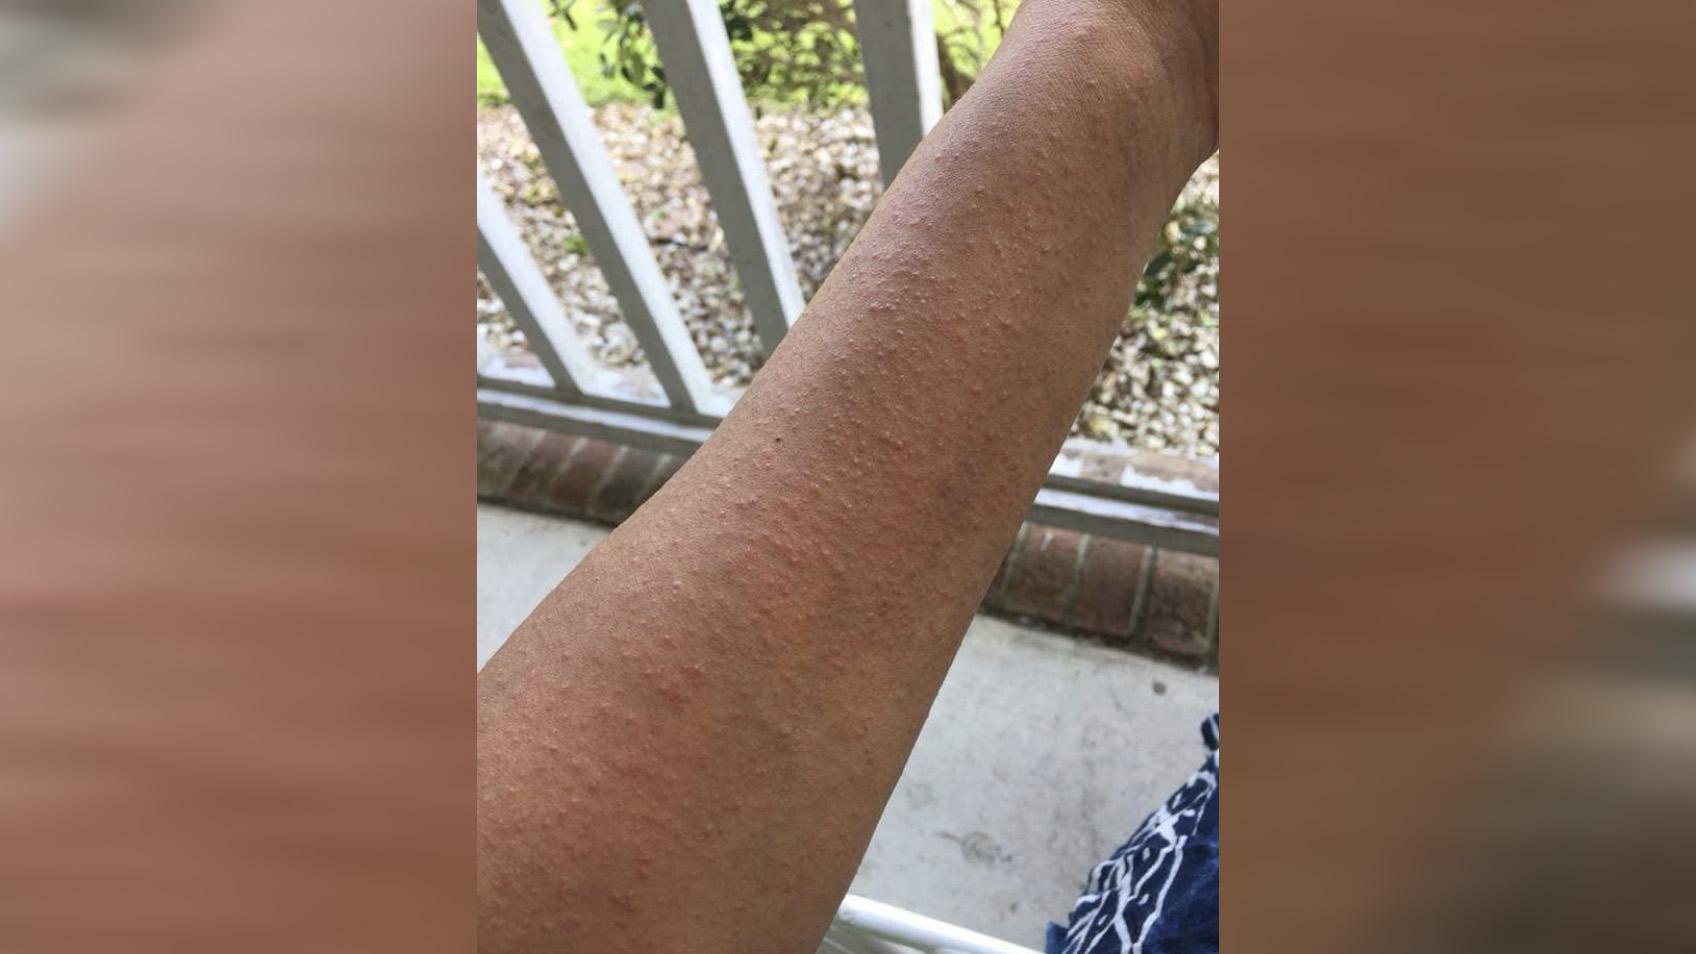 Cumberland measles_1530136076480.jpg.jpg